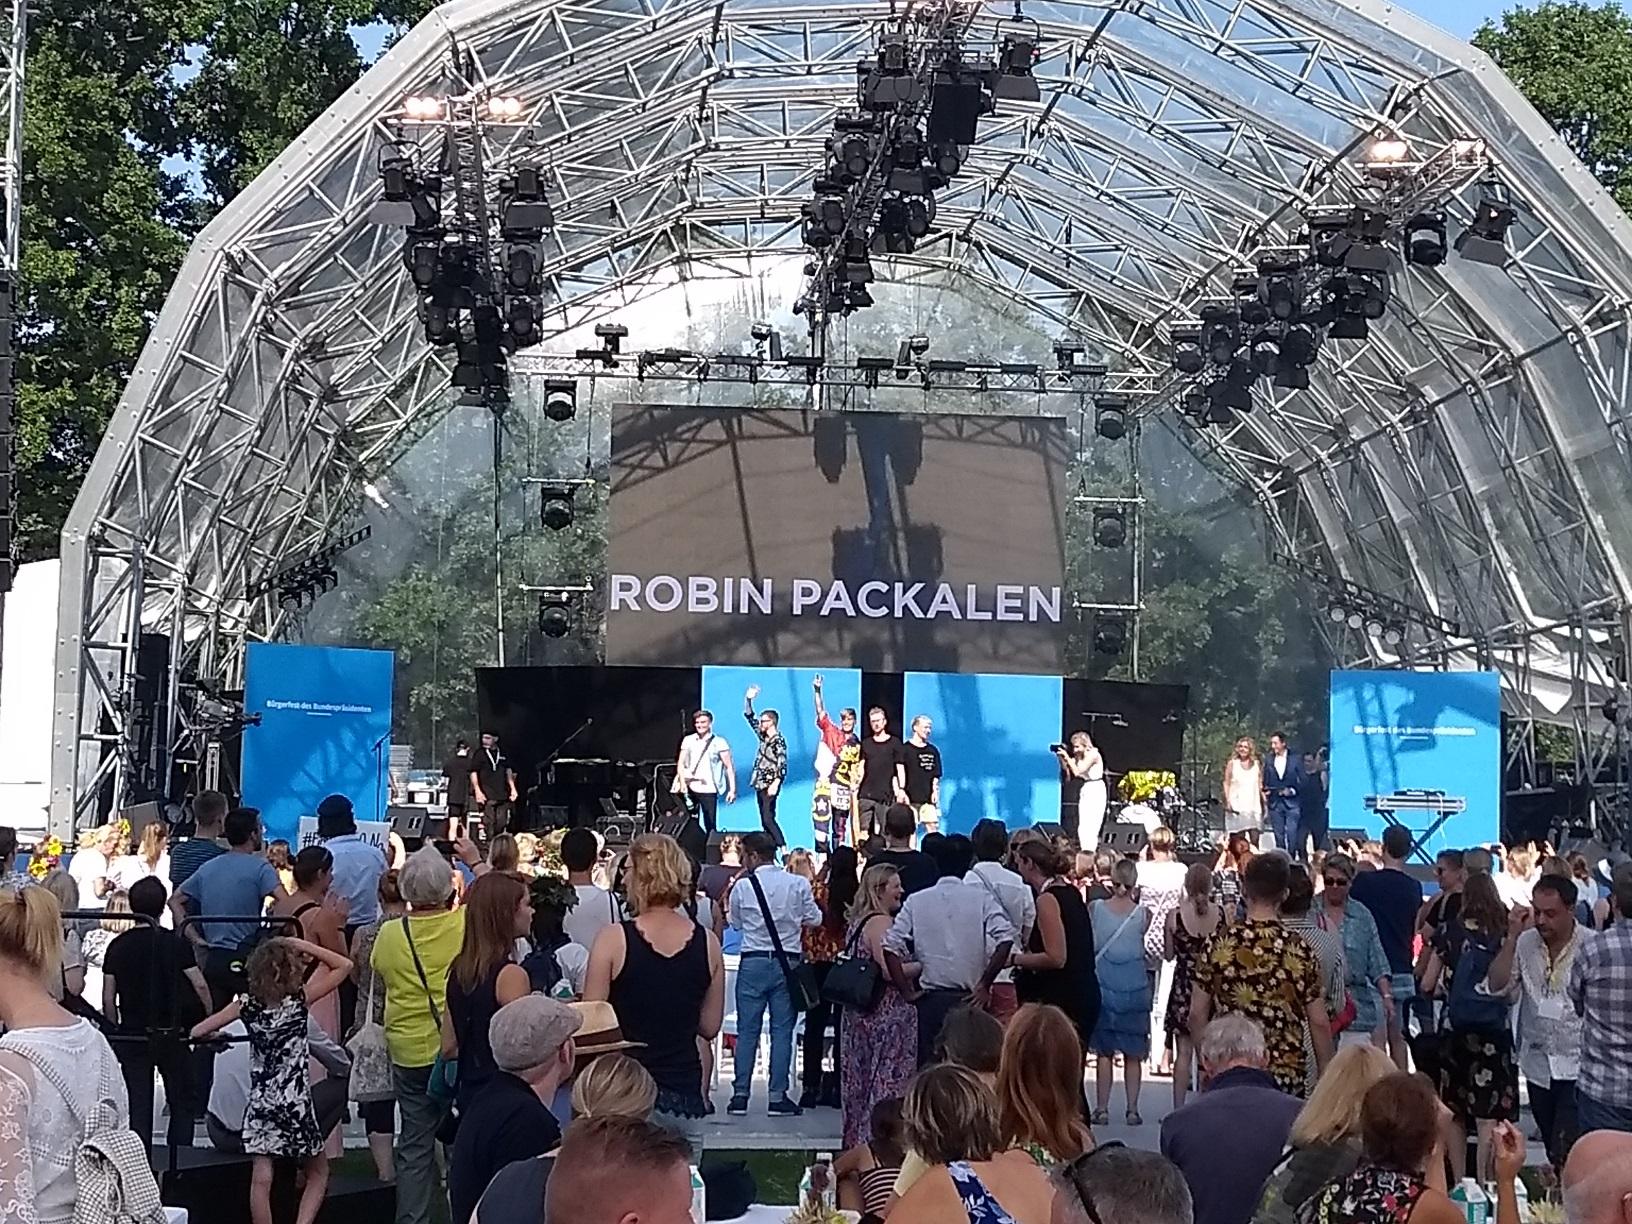 Auftritt von Robin Packalen in Berlin